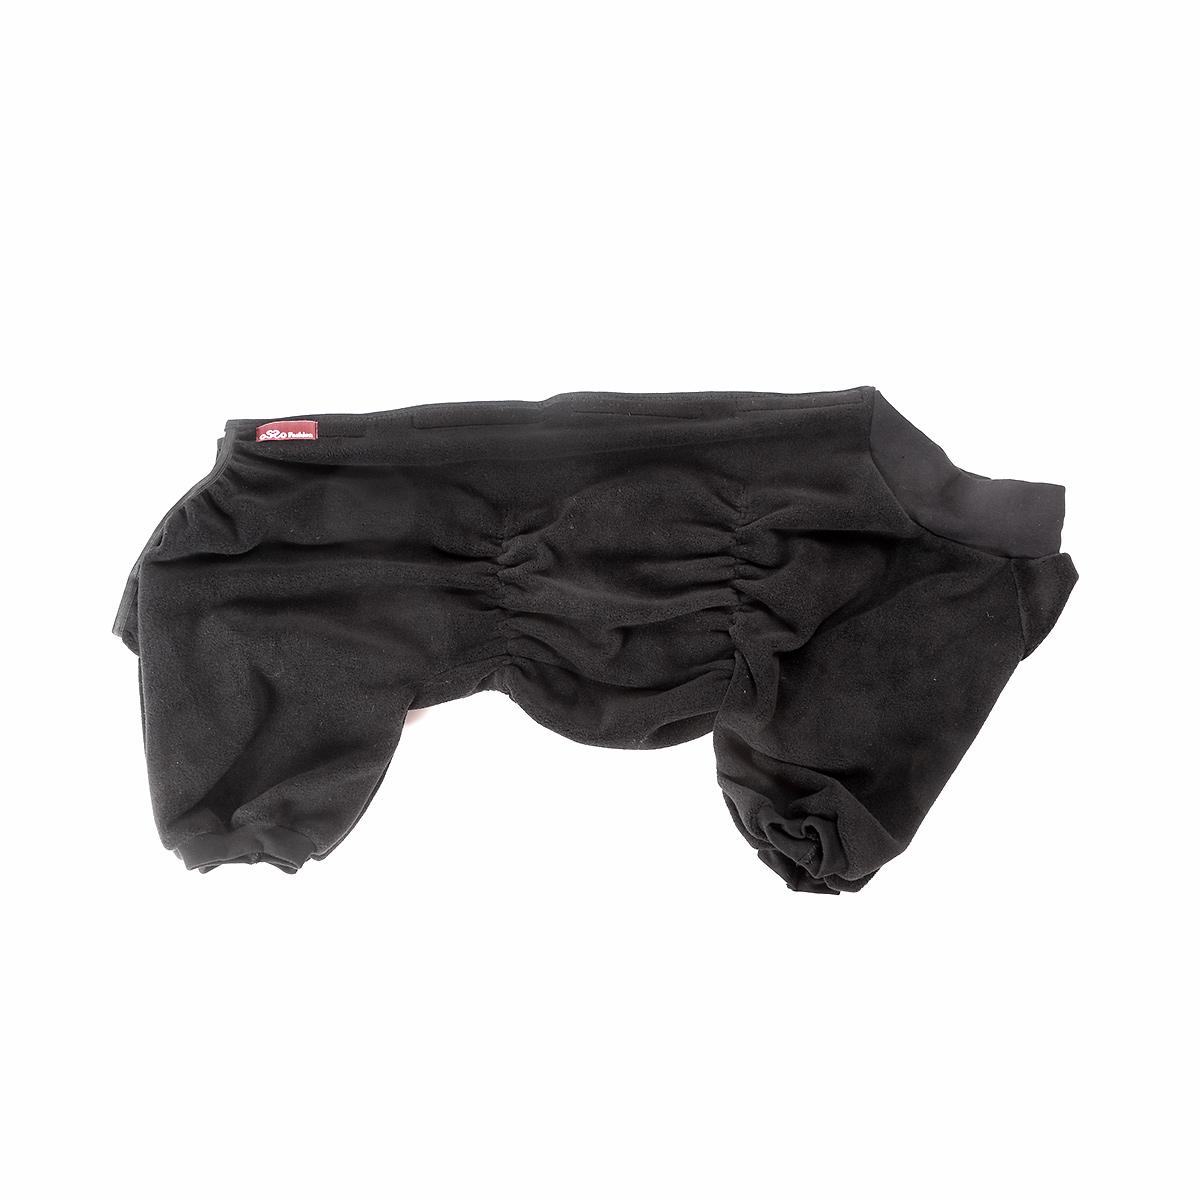 Комбинезон для собак OSSO Fashion, для мальчика, цвет: графит. Размер 55Кф-1020Комбинезон для собак OSSO Fashion выполнен из флиса. Комфортная посадка по корпусу достигается за счет резинок-утяжек под грудью и животом. На воротнике имеются завязки, для дополнительной фиксации. Можно носить самостоятельно и как поддевку под комбинезон для собак. Изделие отлично стирается, быстро сохнет.Длина спинки: 55 см. Объем груди: 66-90 см.Одежда для собак: нужна ли она и как её выбрать. Статья OZON Гид